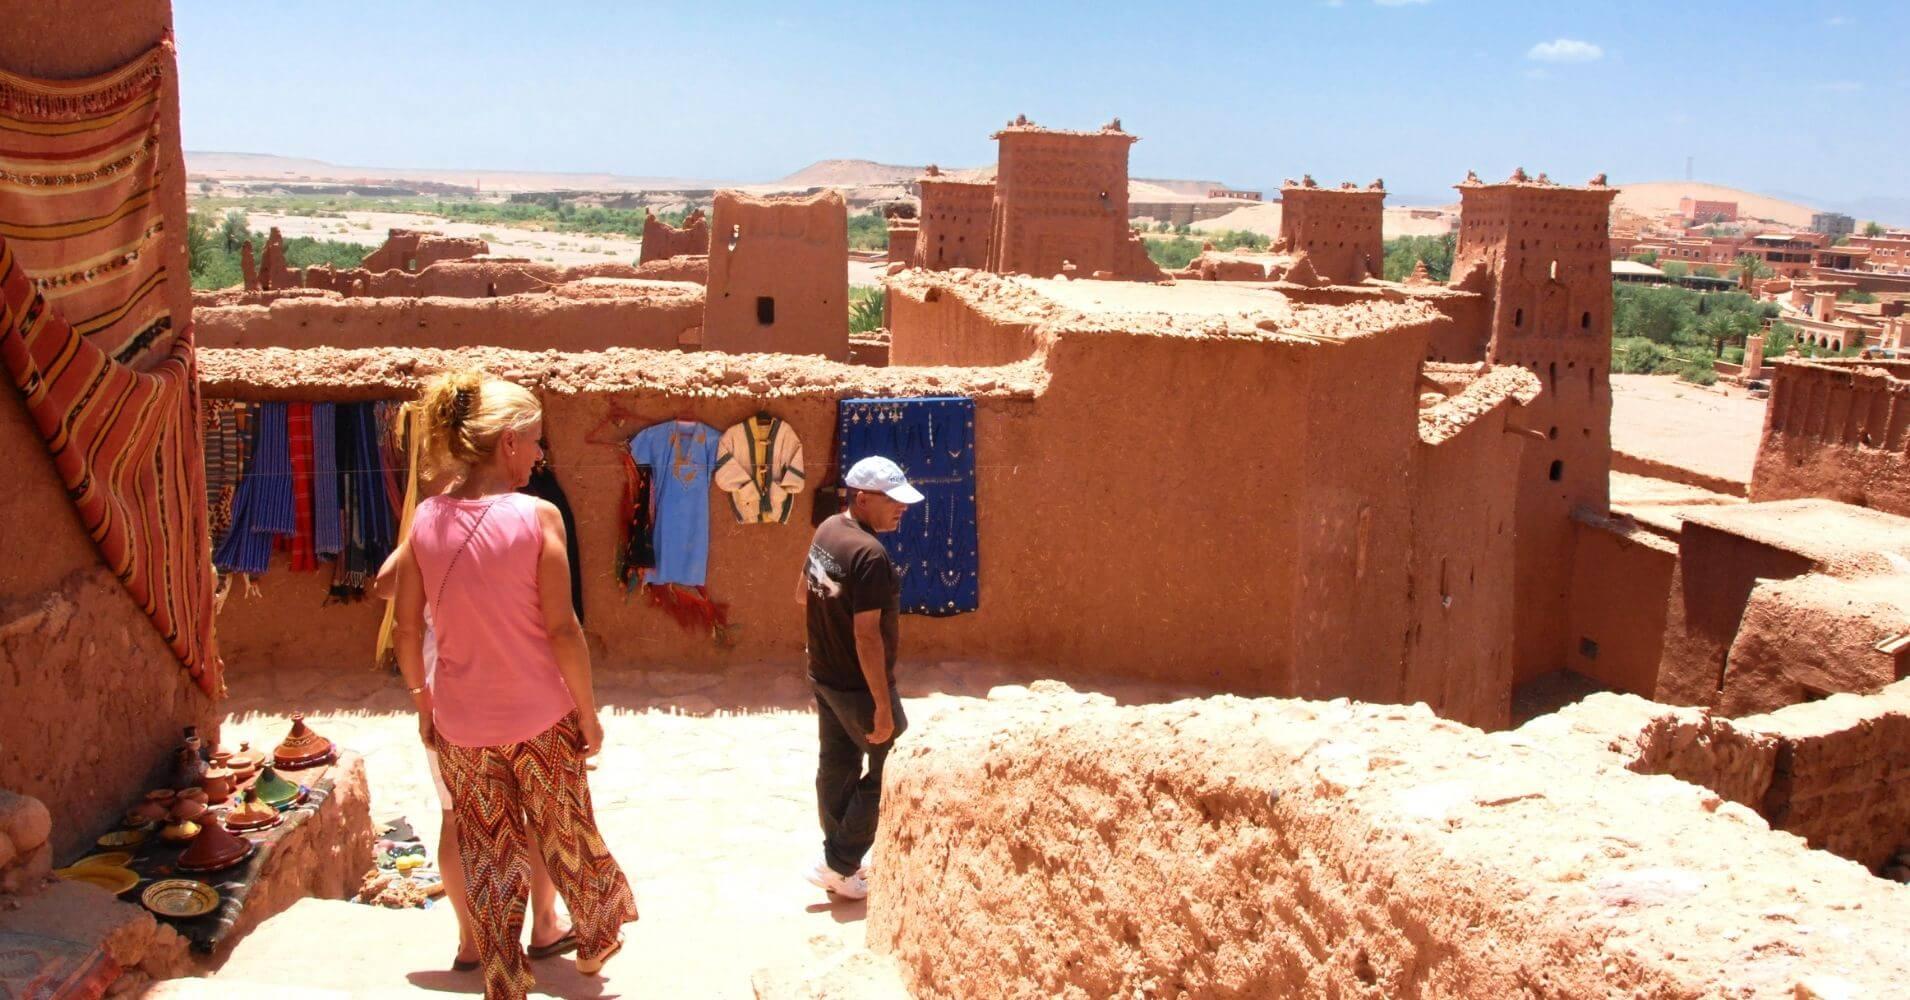 Paseando por Aït Ben Haddou, Marruecos.